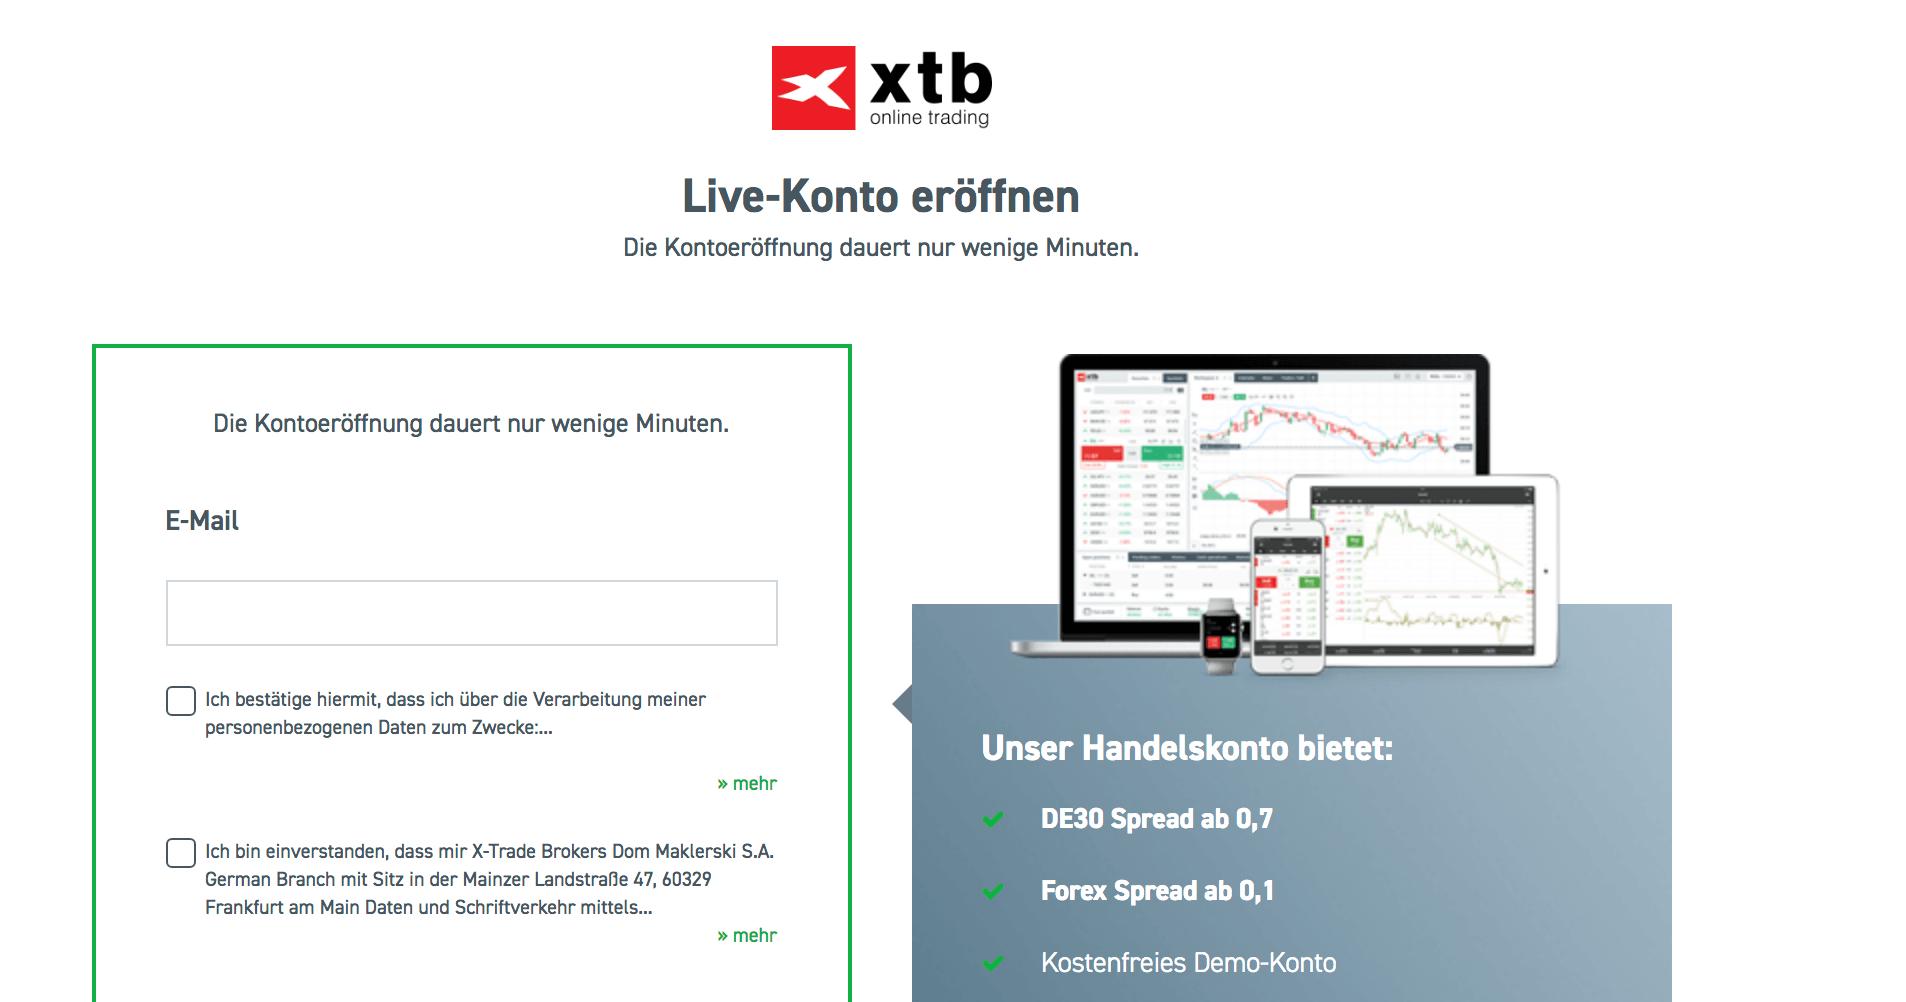 Binnen weniger Minuten ist das Live-Konto bei XTB eröffnen und der erste Trade kann vollzogen werden